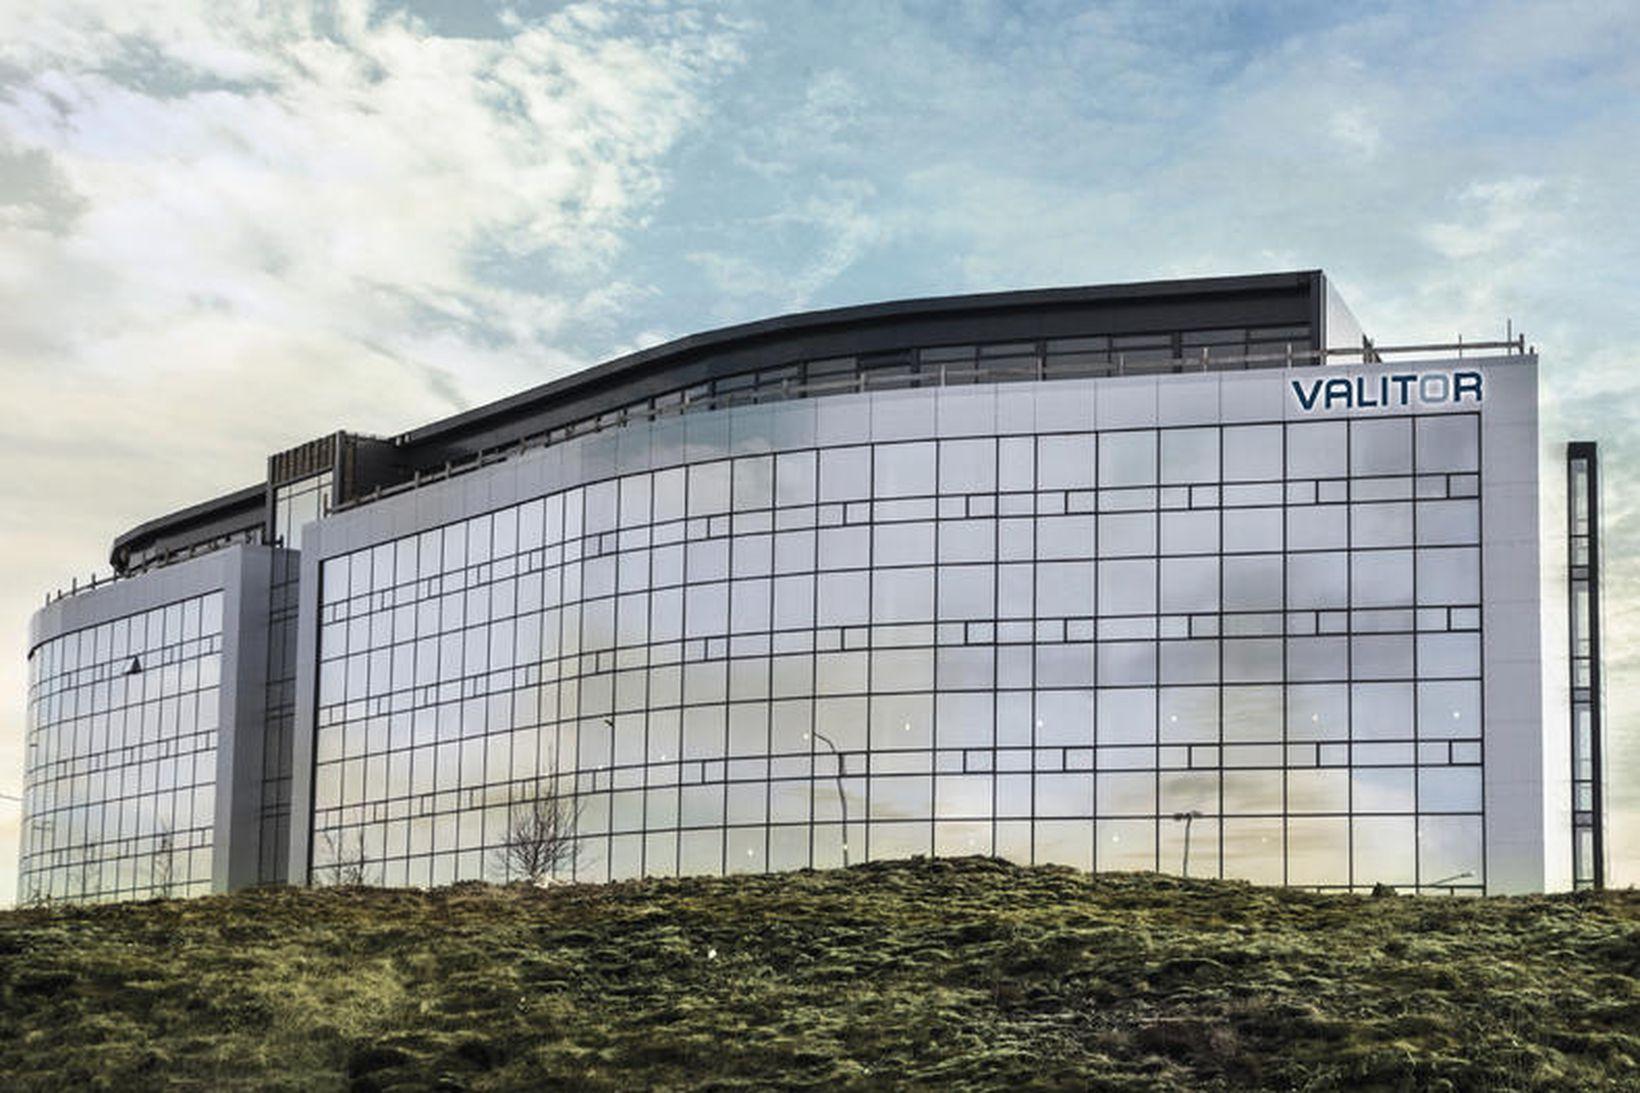 Höfuðstöðvar Valitorst í Dalshrauni í Hafnarfirði.